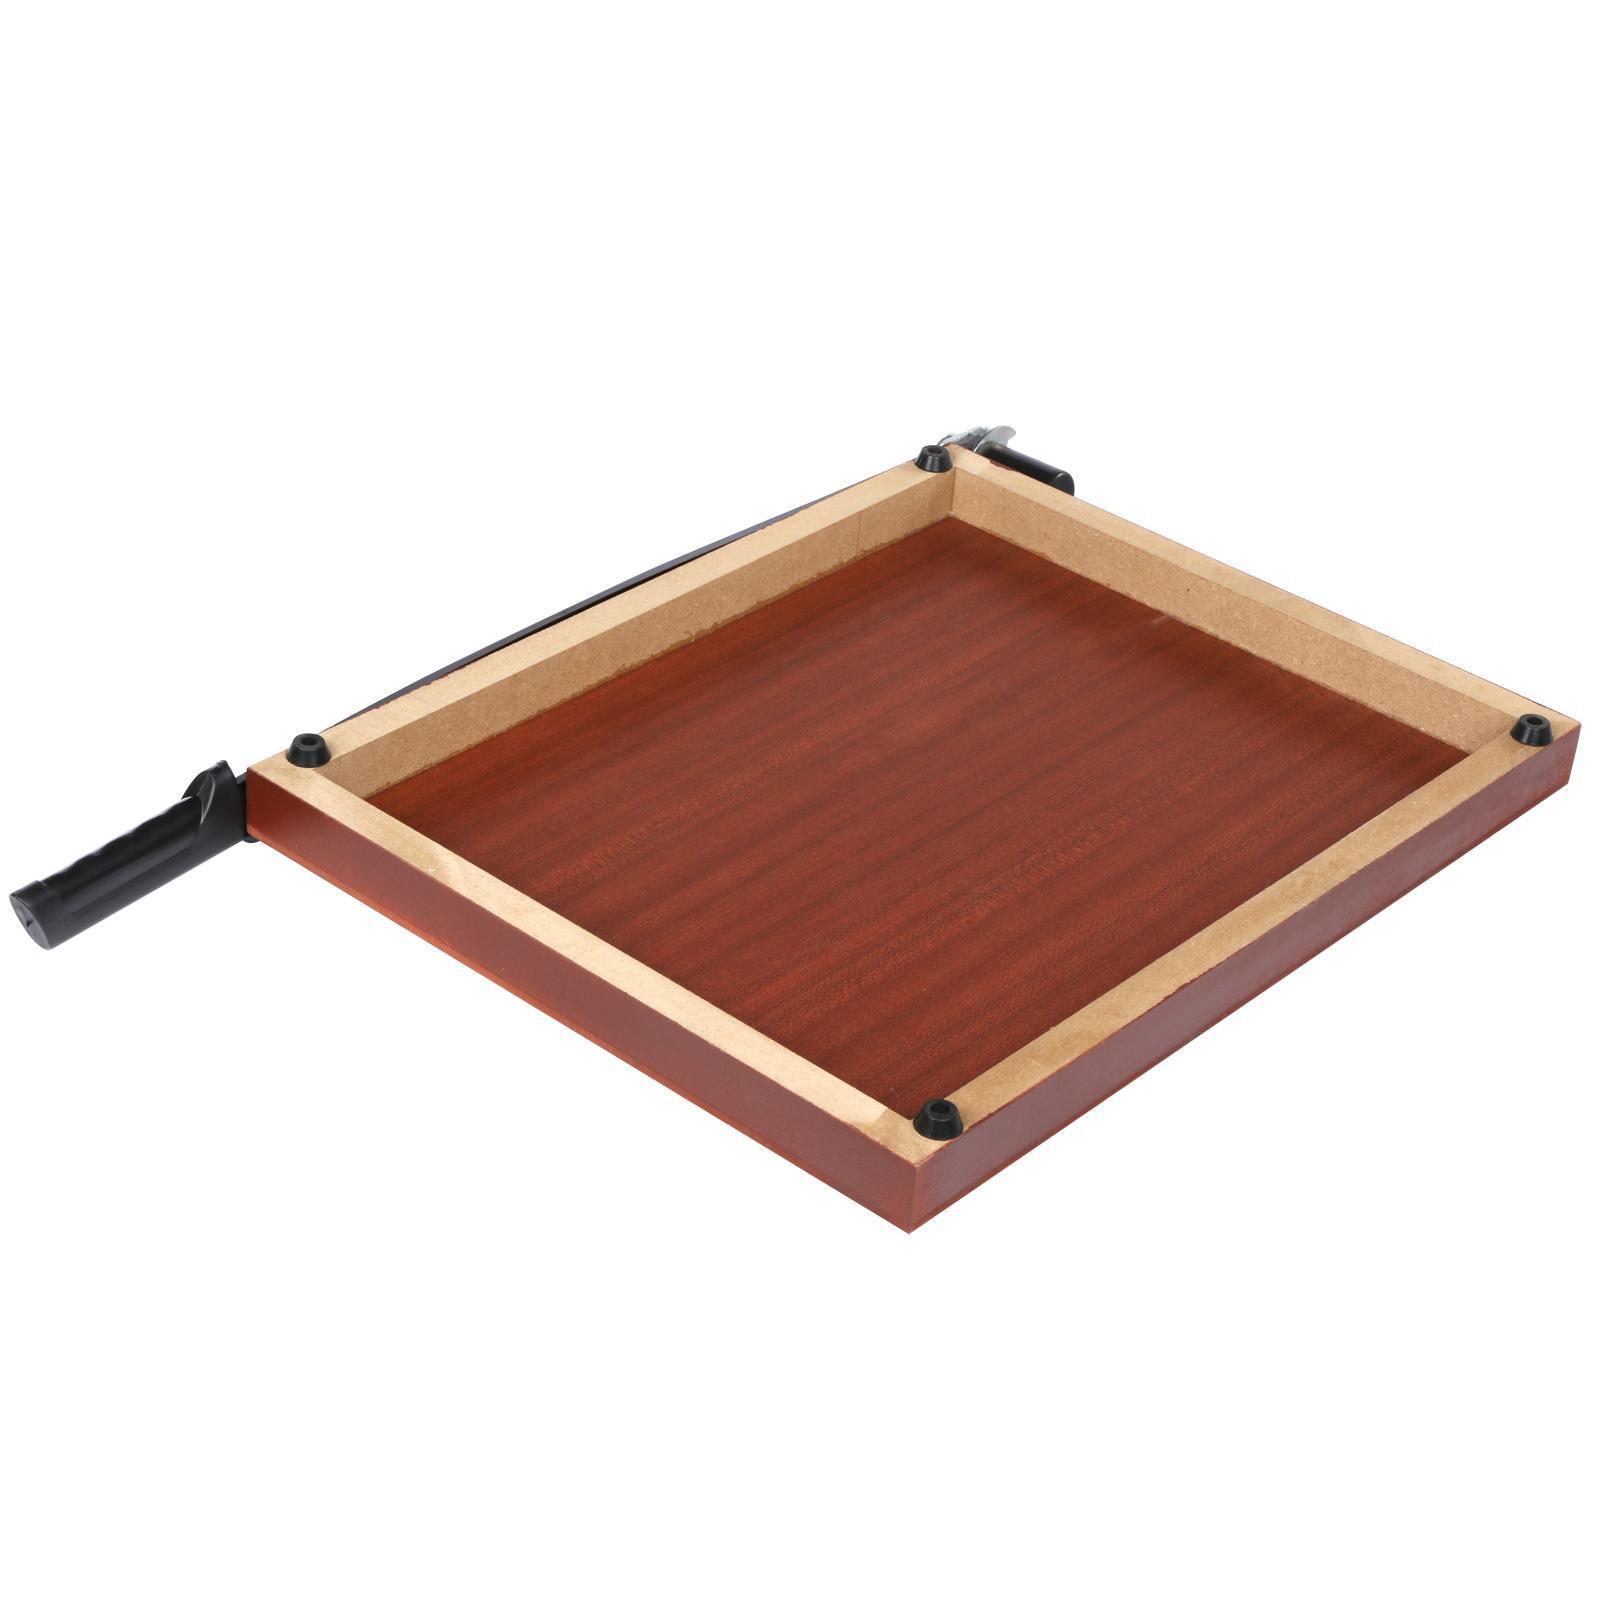 Wooden Paper Cutter A2-B7 3